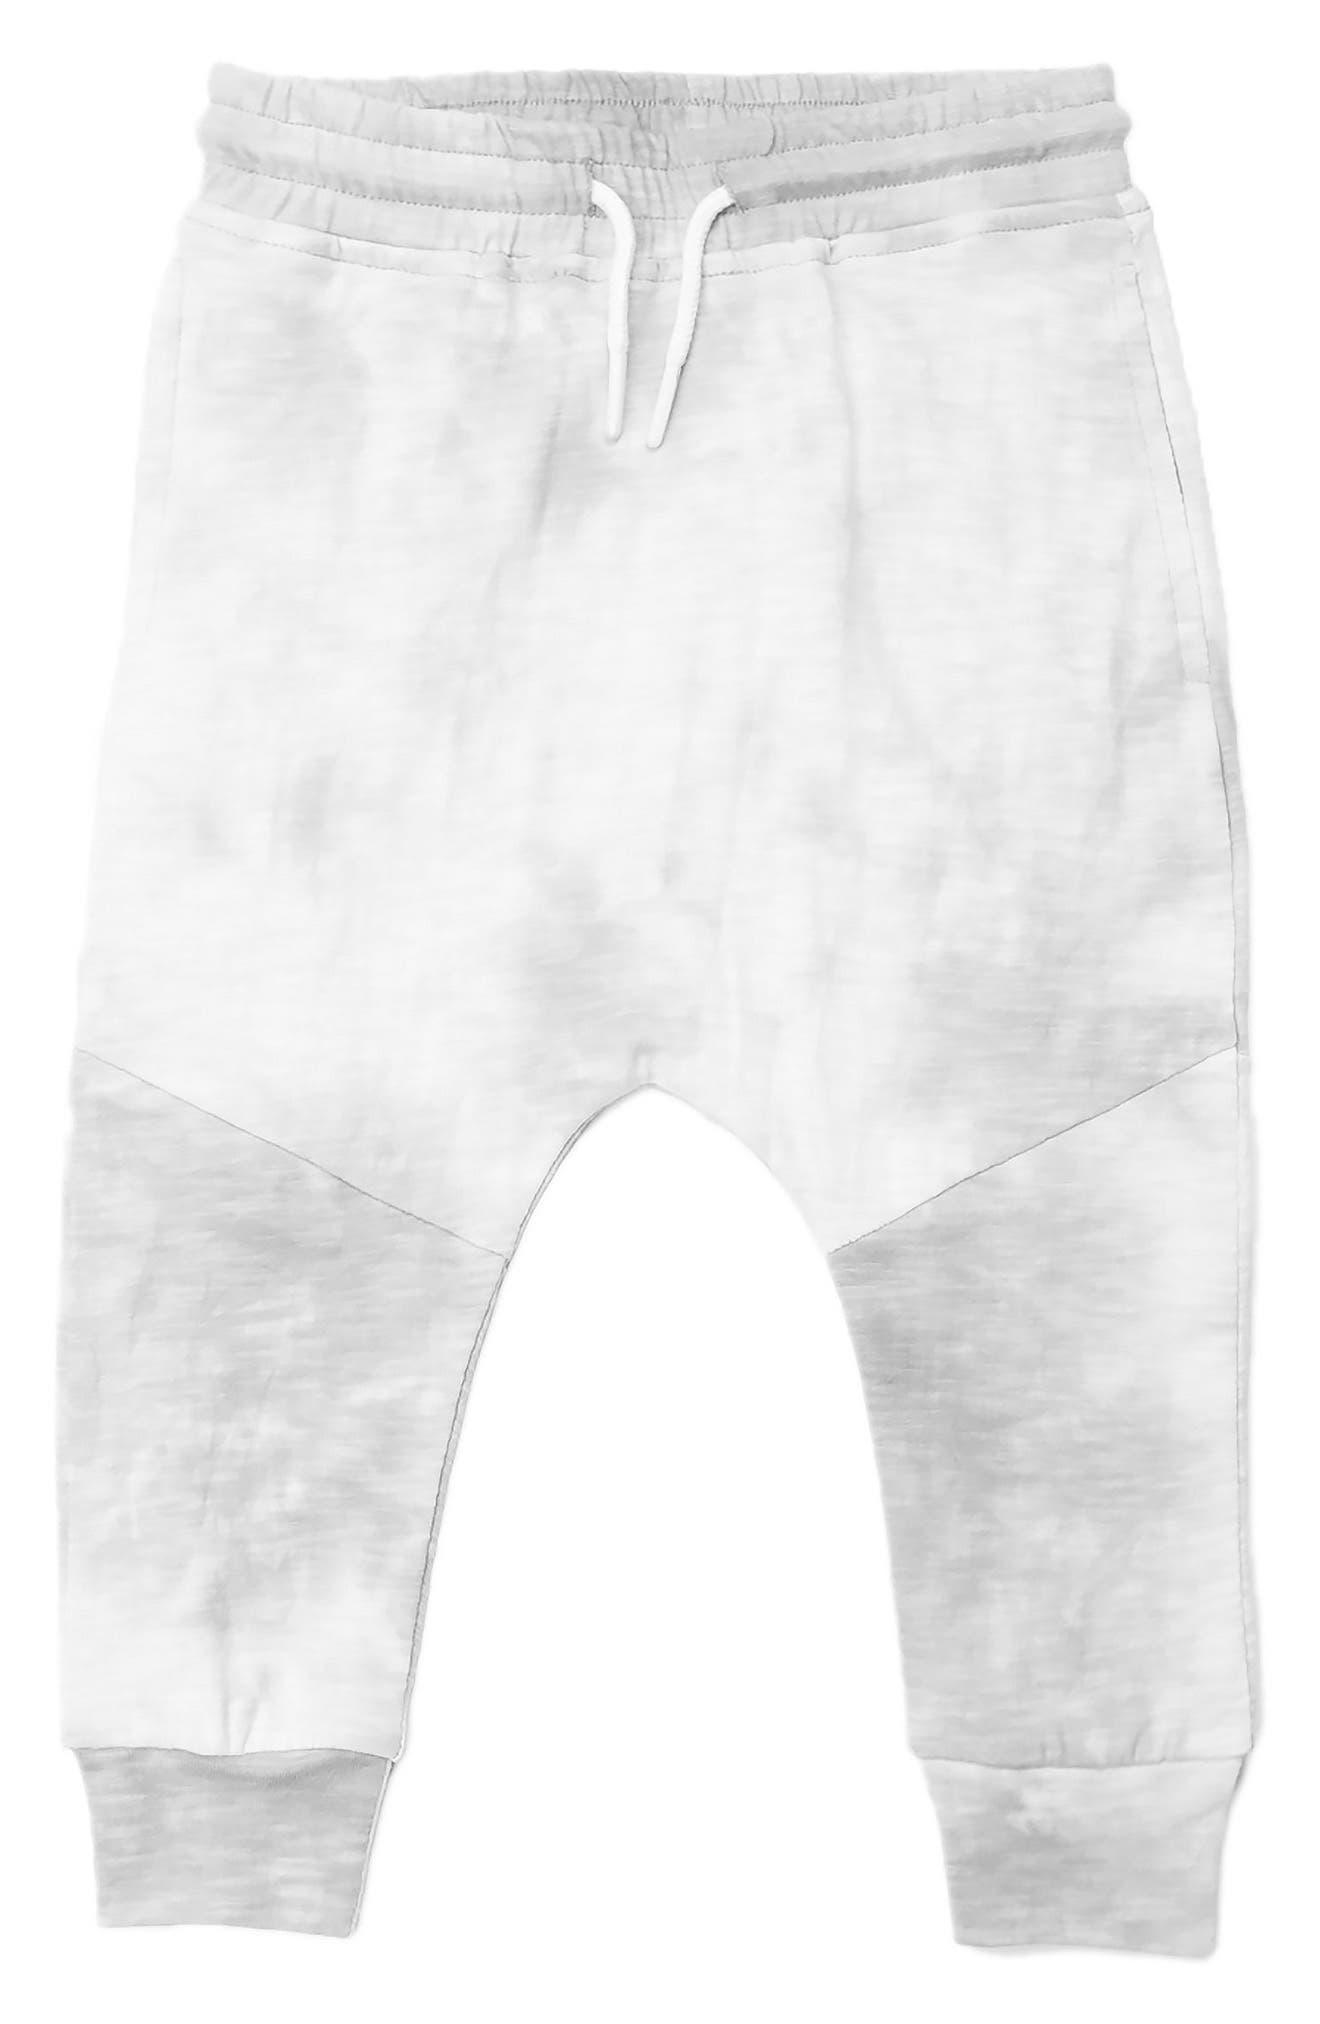 Ax Harem Pants,                             Main thumbnail 1, color,                             Grey